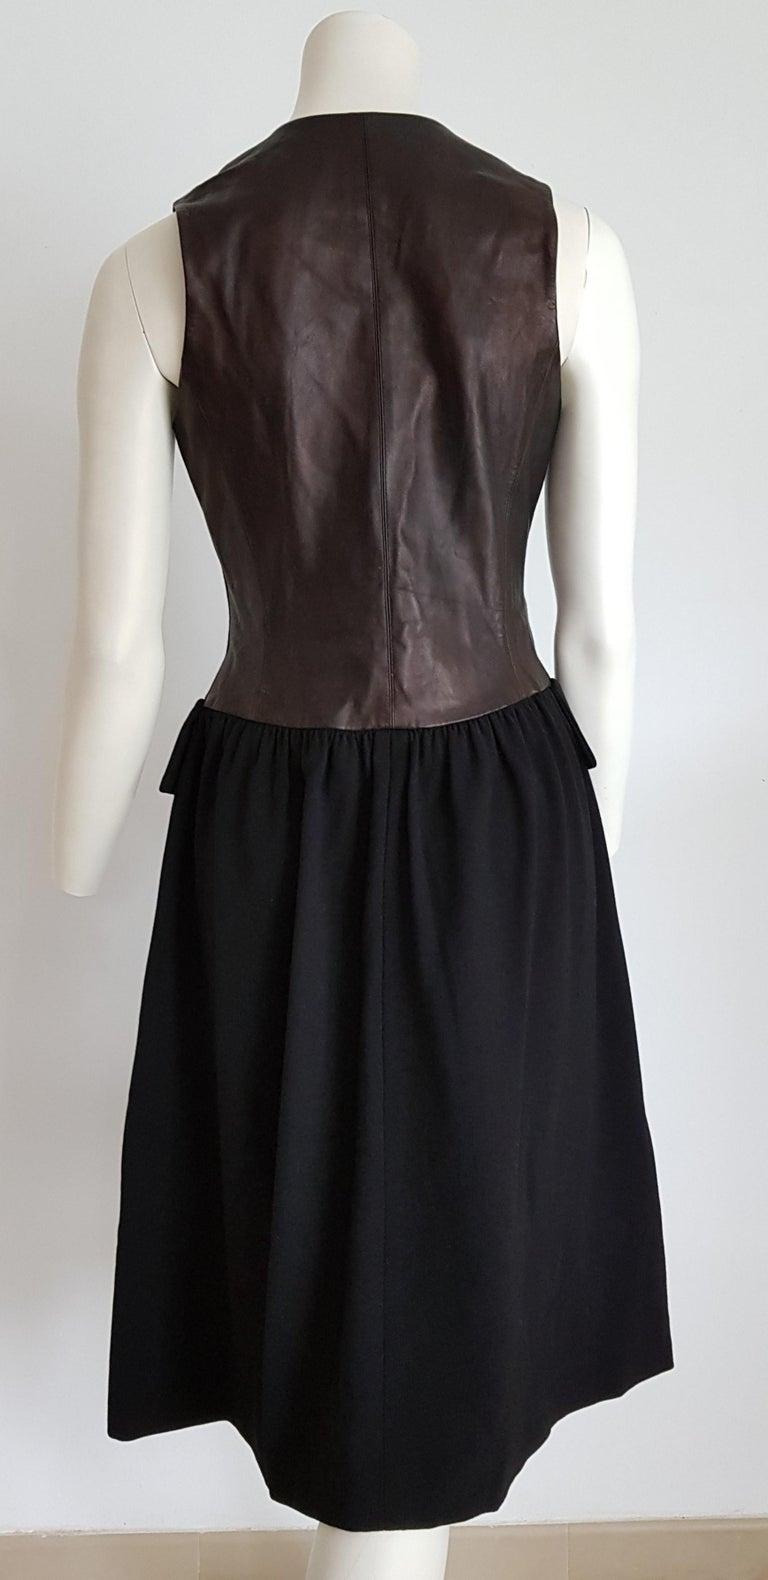 Women's HERMES  Black Wool Leather Light Bronze Tone Lambskin Dress  For Sale